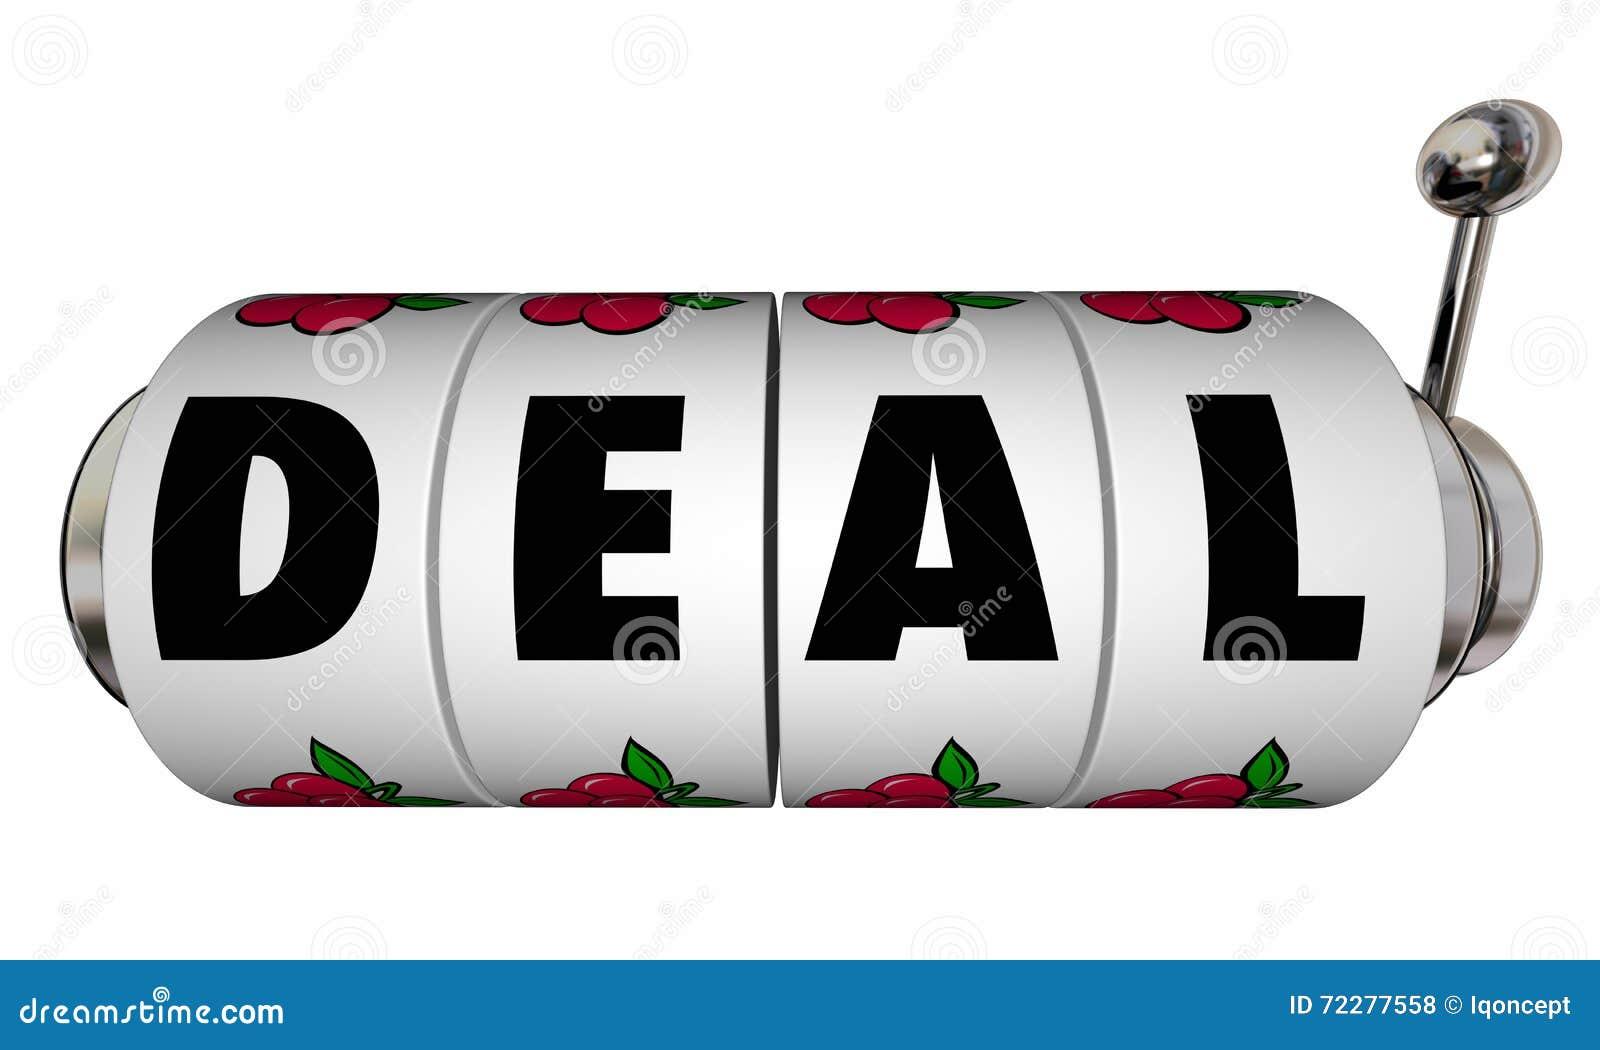 Download Колеса торгового автомата дела закрывают контракт на продажу Иллюстрация штока - иллюстрации насчитывающей казино, вознаграждение: 72277558